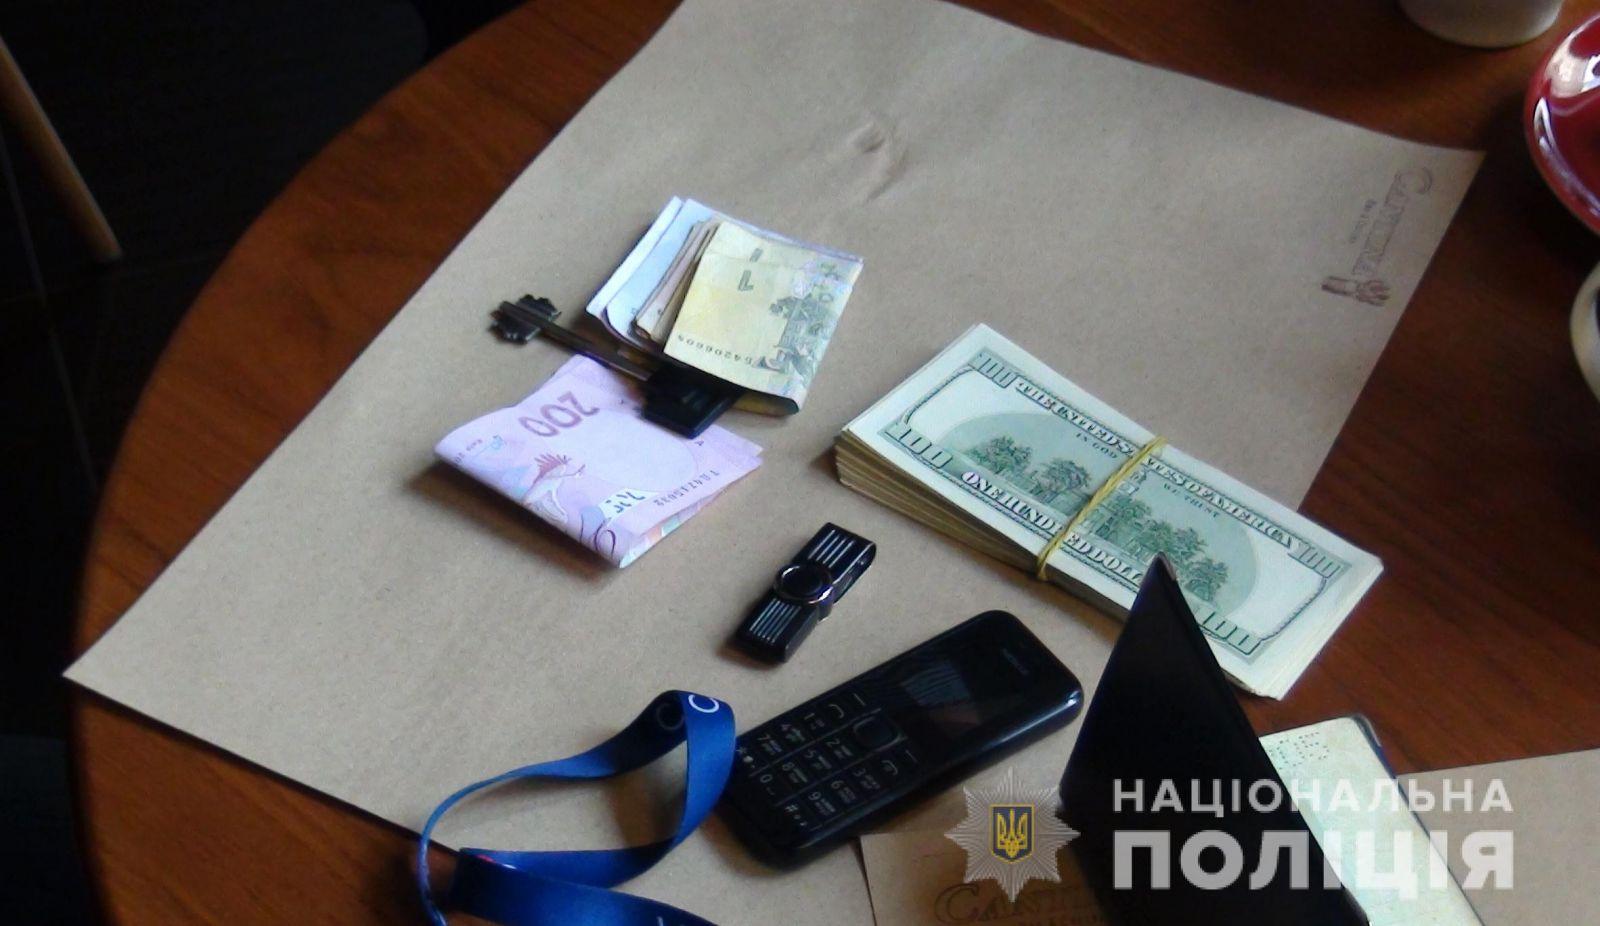 Экс-банкир организовал продажу данных полумиллиона украинцев